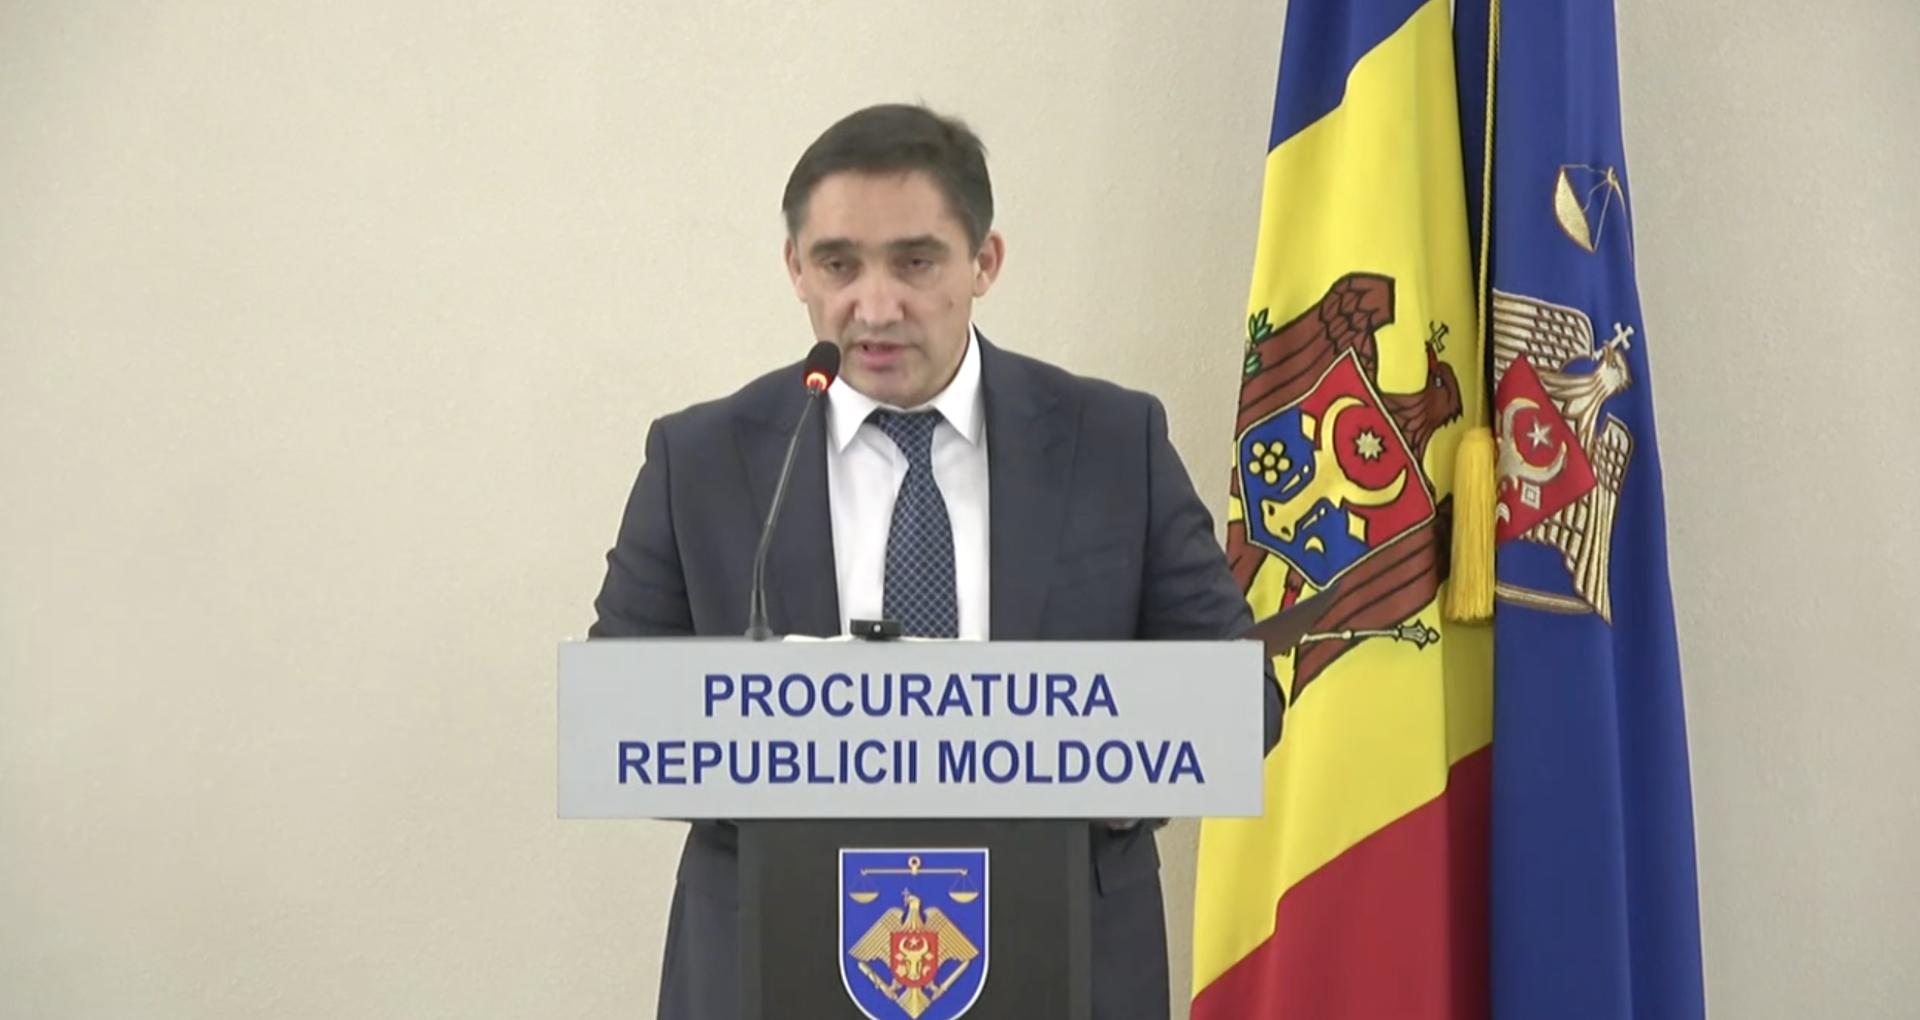 VIDEO/ Stoianoglo a prezentat rezultatele controalelor desfășurate la Procuratura Anticorupție și PCCOCS